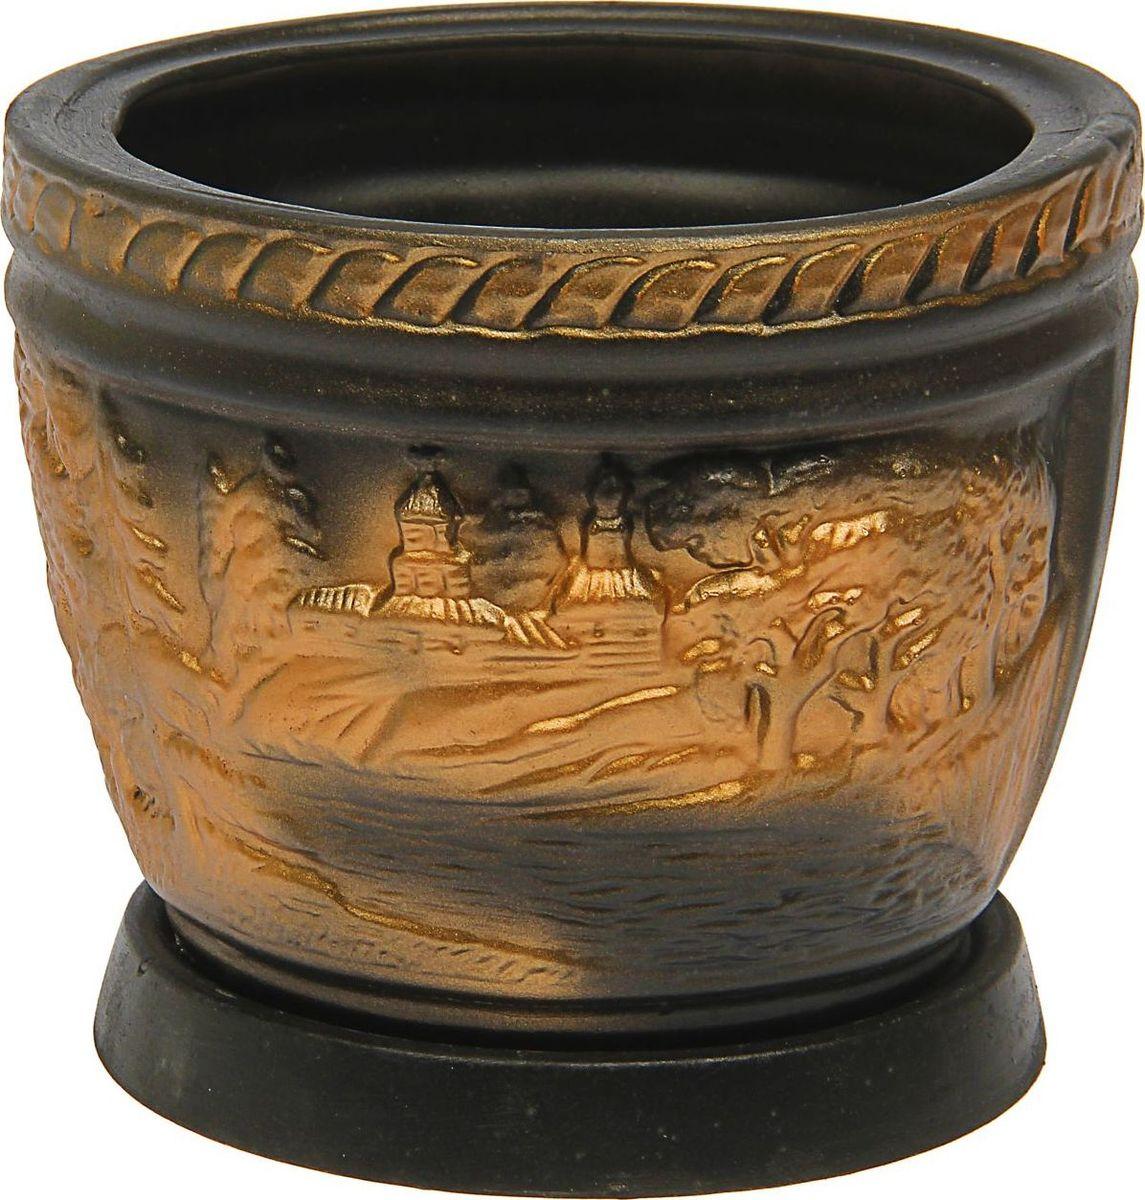 Кашпо Керамика ручной работы Лес, цвет: черный, 4 л1465262Комнатные растения — всеобщие любимцы. Они радуют глаз, насыщают помещение кислородом и украшают пространство. Каждому из них необходим свой удобный и красивый дом. Кашпо из керамики прекрасно подходят для высадки растений: за счет пластичности глины и разных способов обработки существует великое множество форм и дизайнов пористый материал позволяет испаряться лишней влаге воздух, необходимый для дыхания корней, проникает сквозь керамические стенки! позаботится о зеленом питомце, освежит интерьер и подчеркнет его стиль.